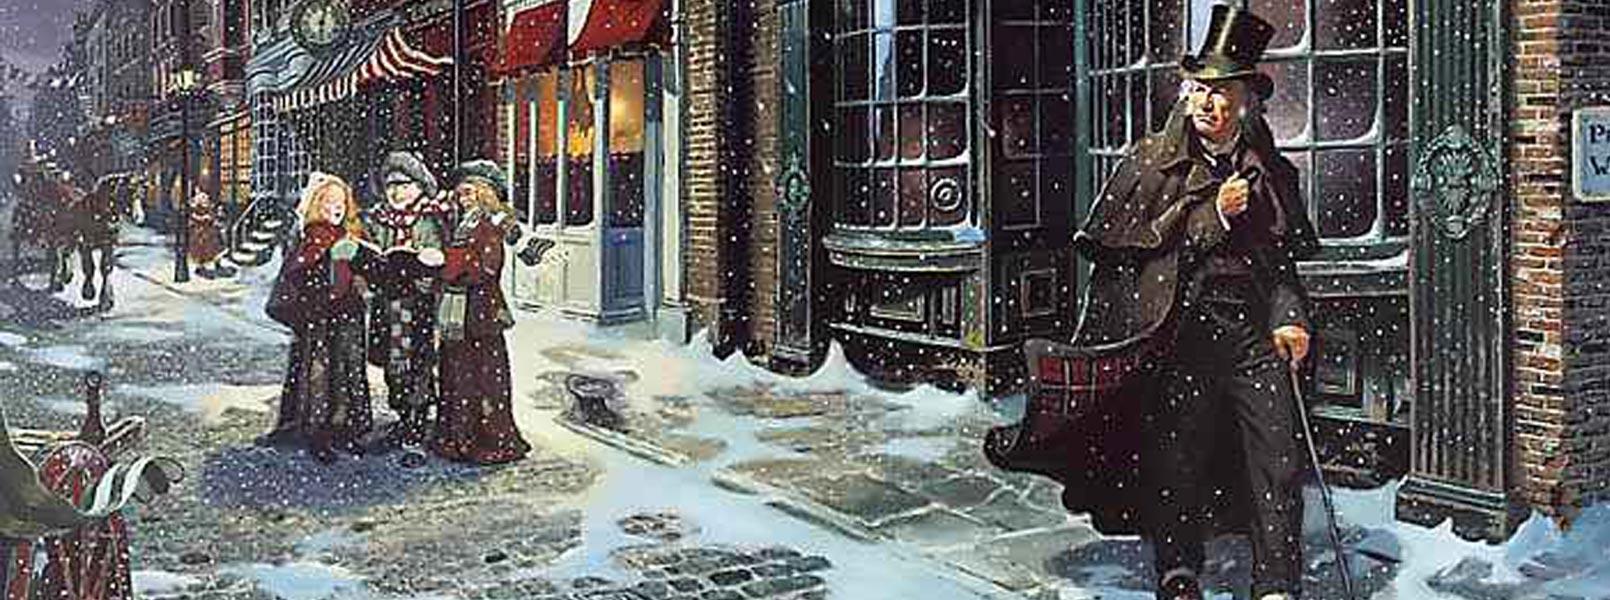 Dickens_W.jpg